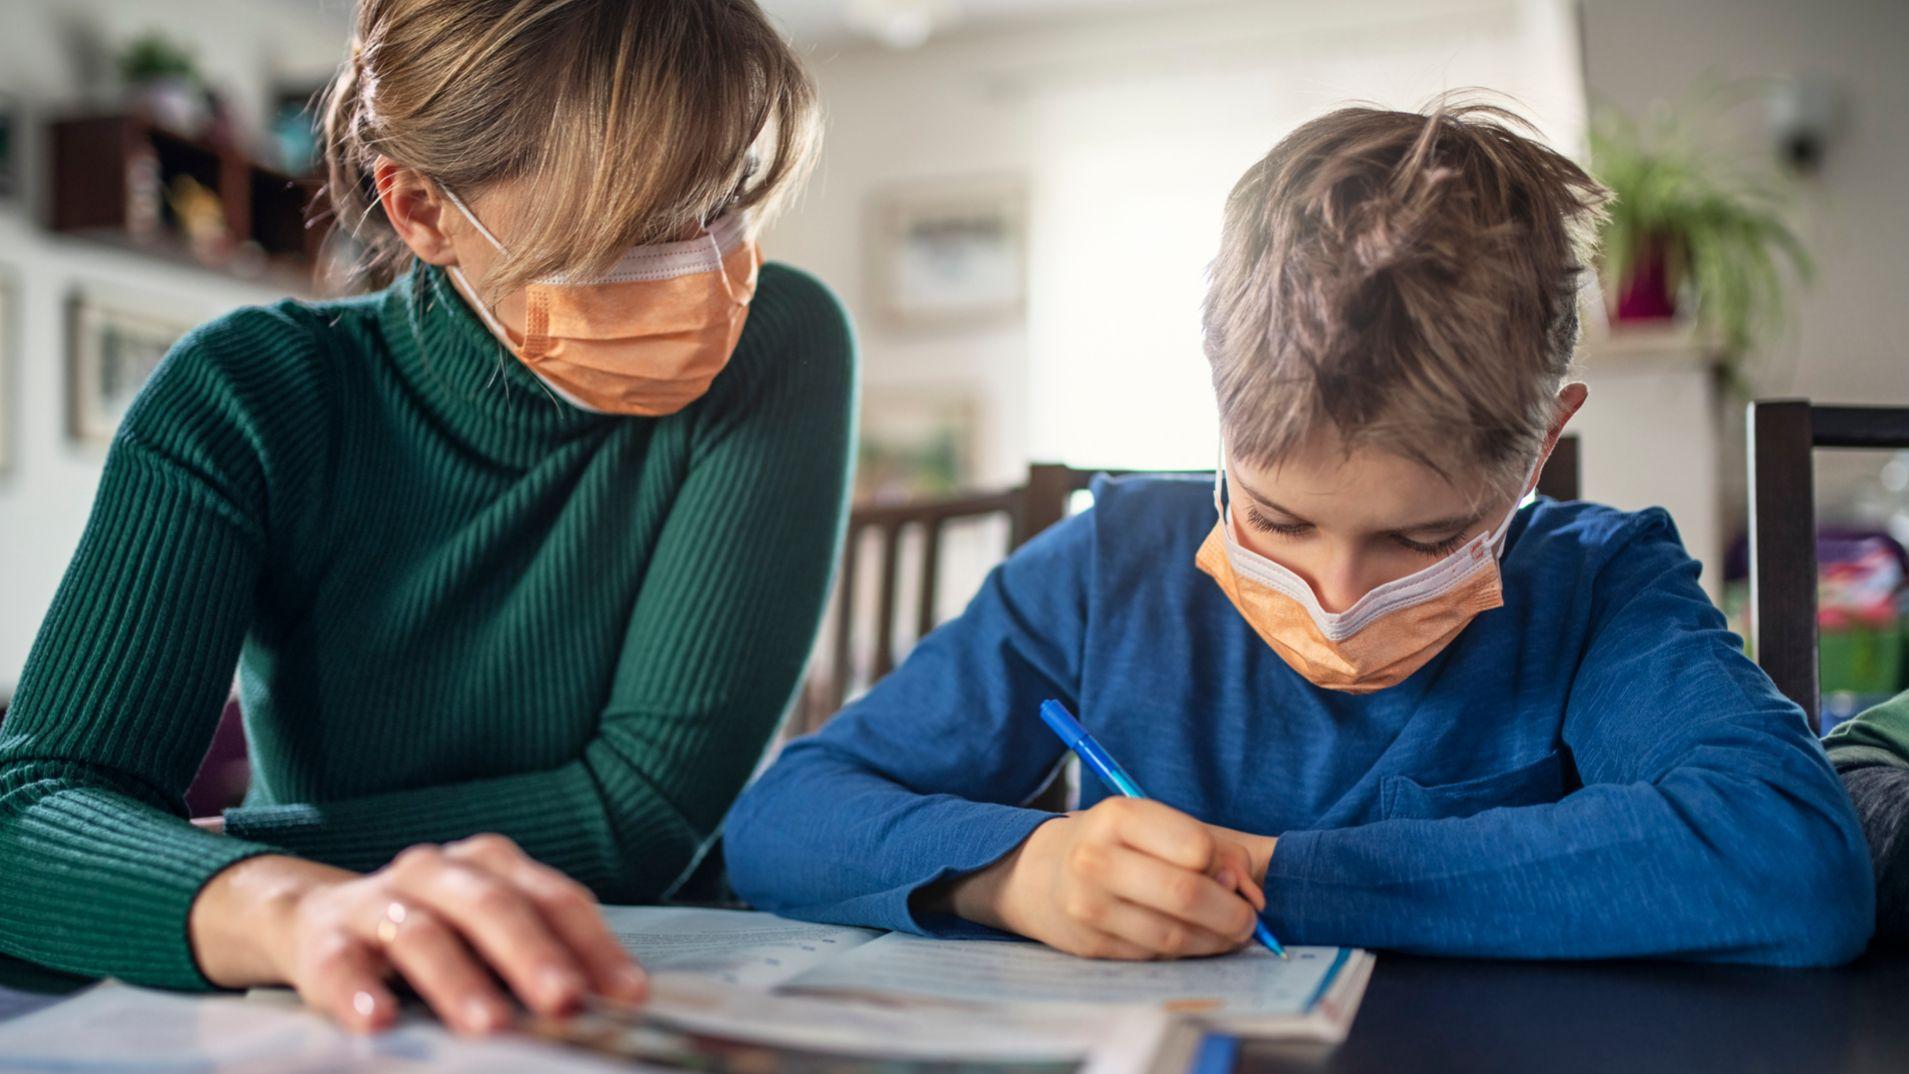 Una de cada 3 madres de familia apoyan en la educación de estudiantes durante la pandemia